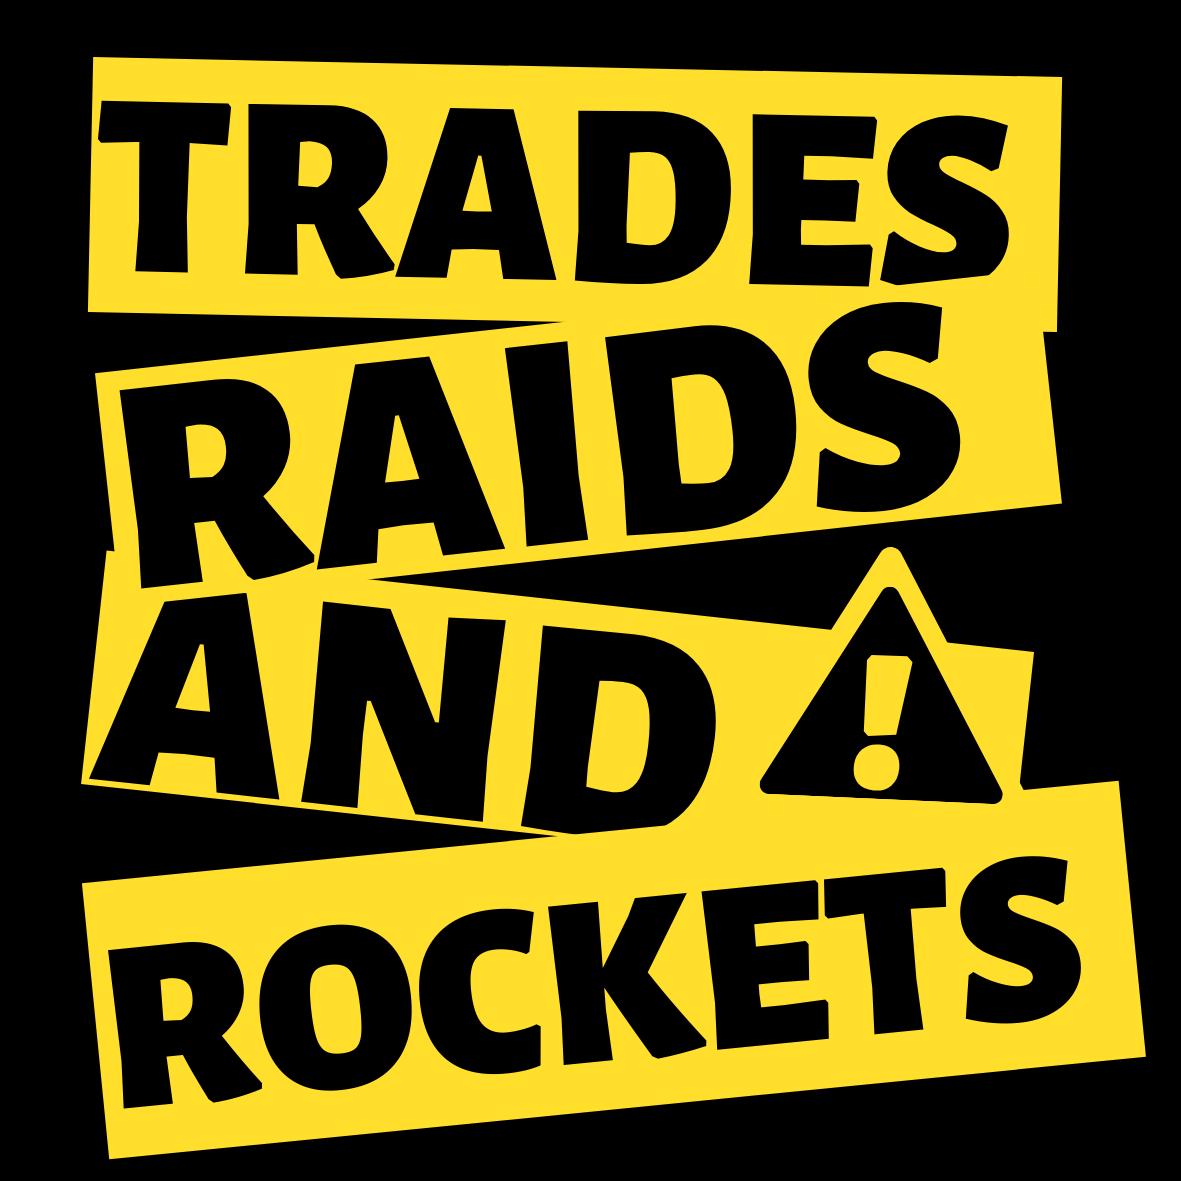 Trades, Raids and Rockets